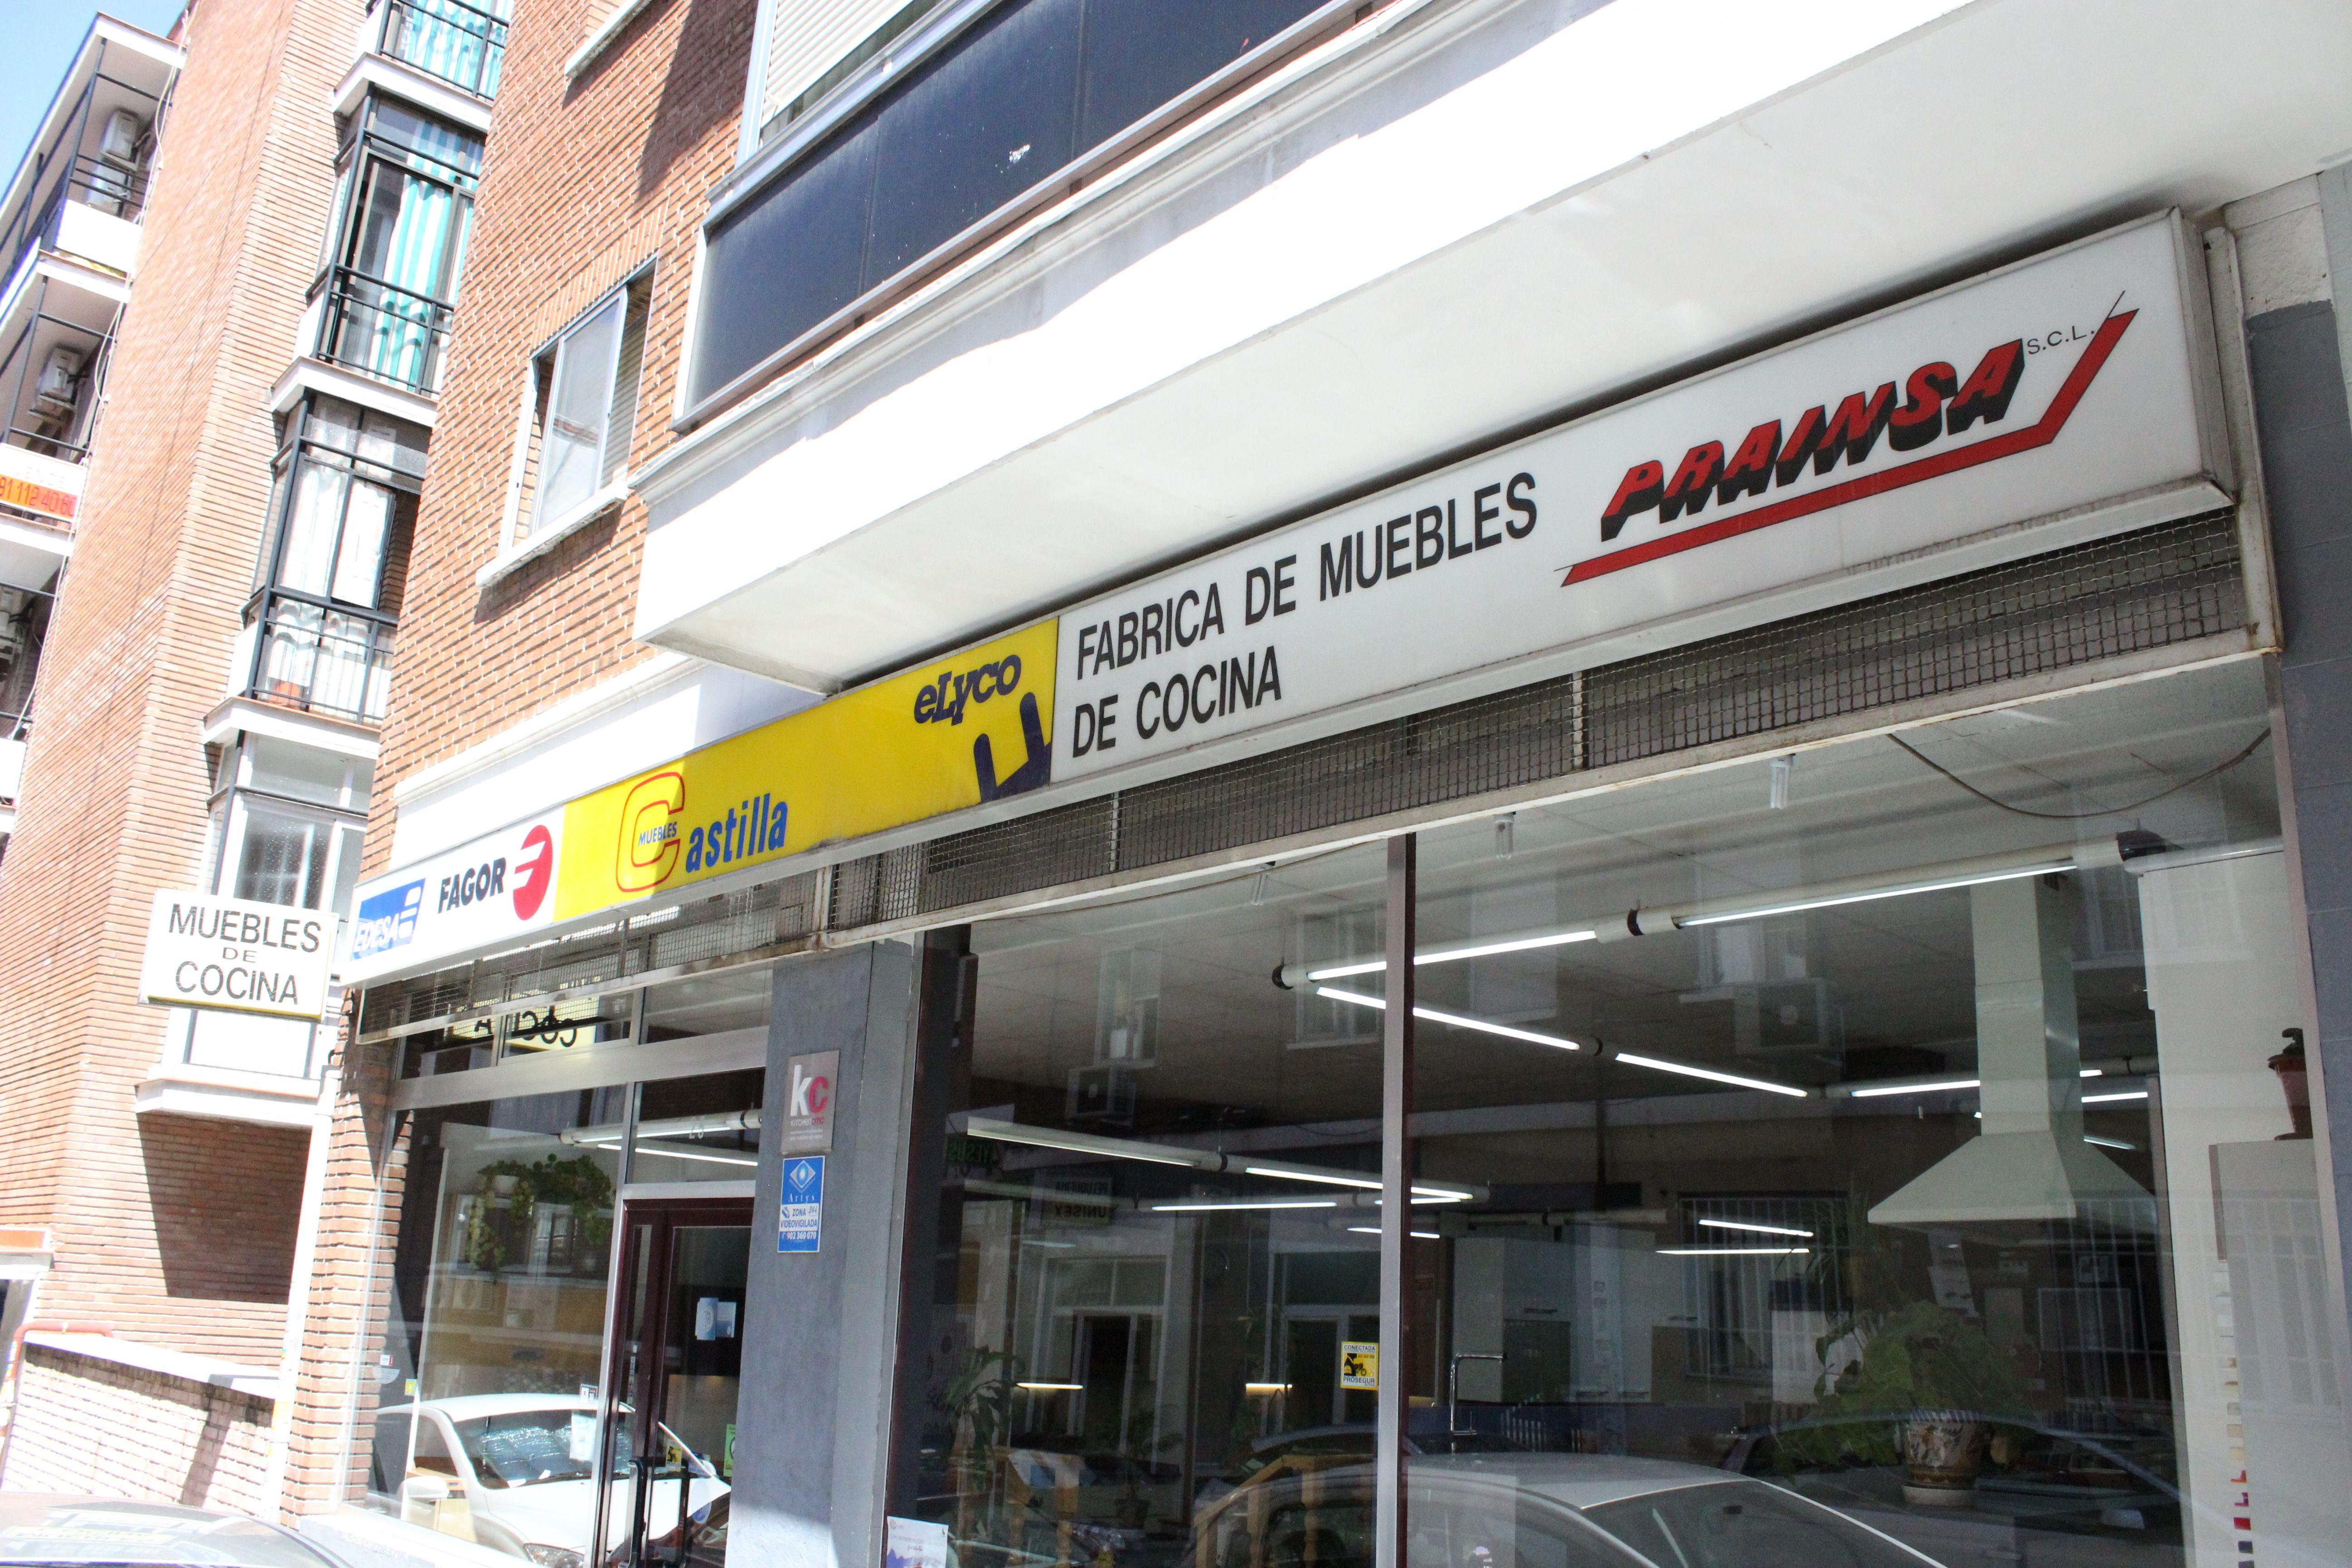 Foto 8 de Muebles de cocina en Madrid | Cocinas Castilla